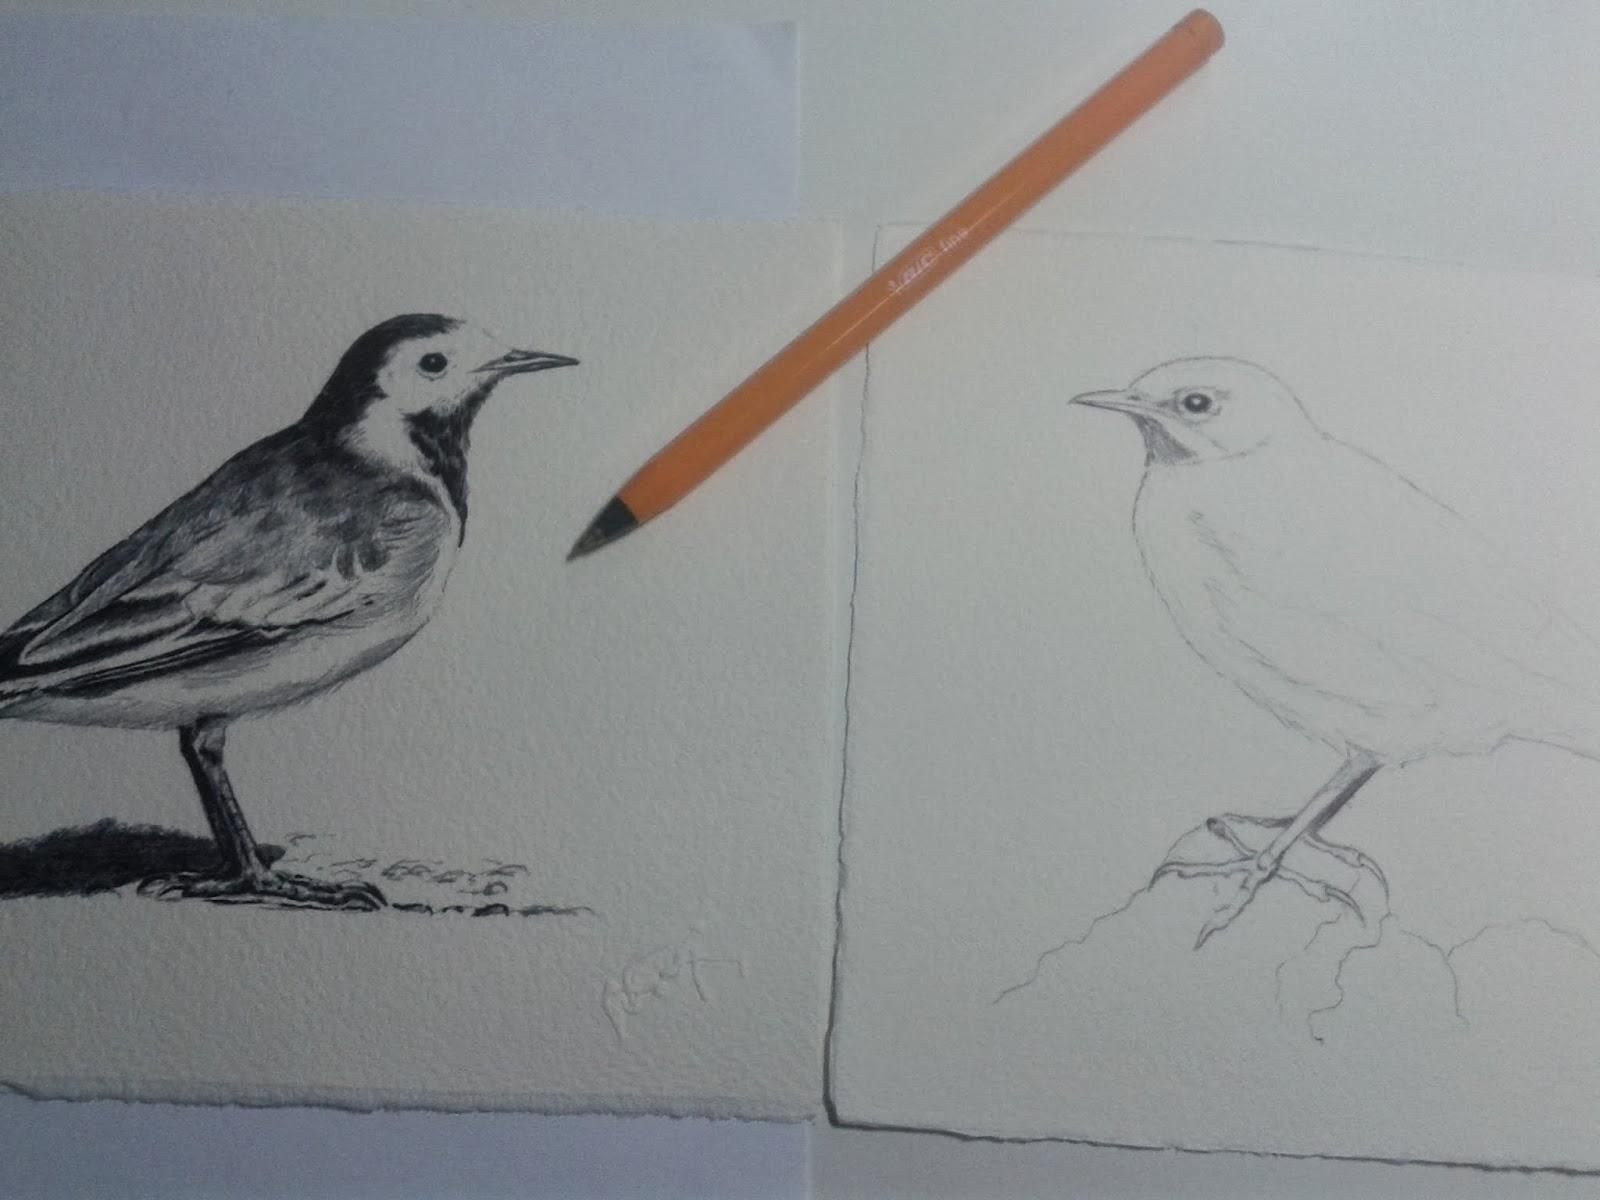 motacilla alba motacilla cinerea ilustración aves wildlife art FIO Extremadura 2014 Wildwatching Diego Ortega